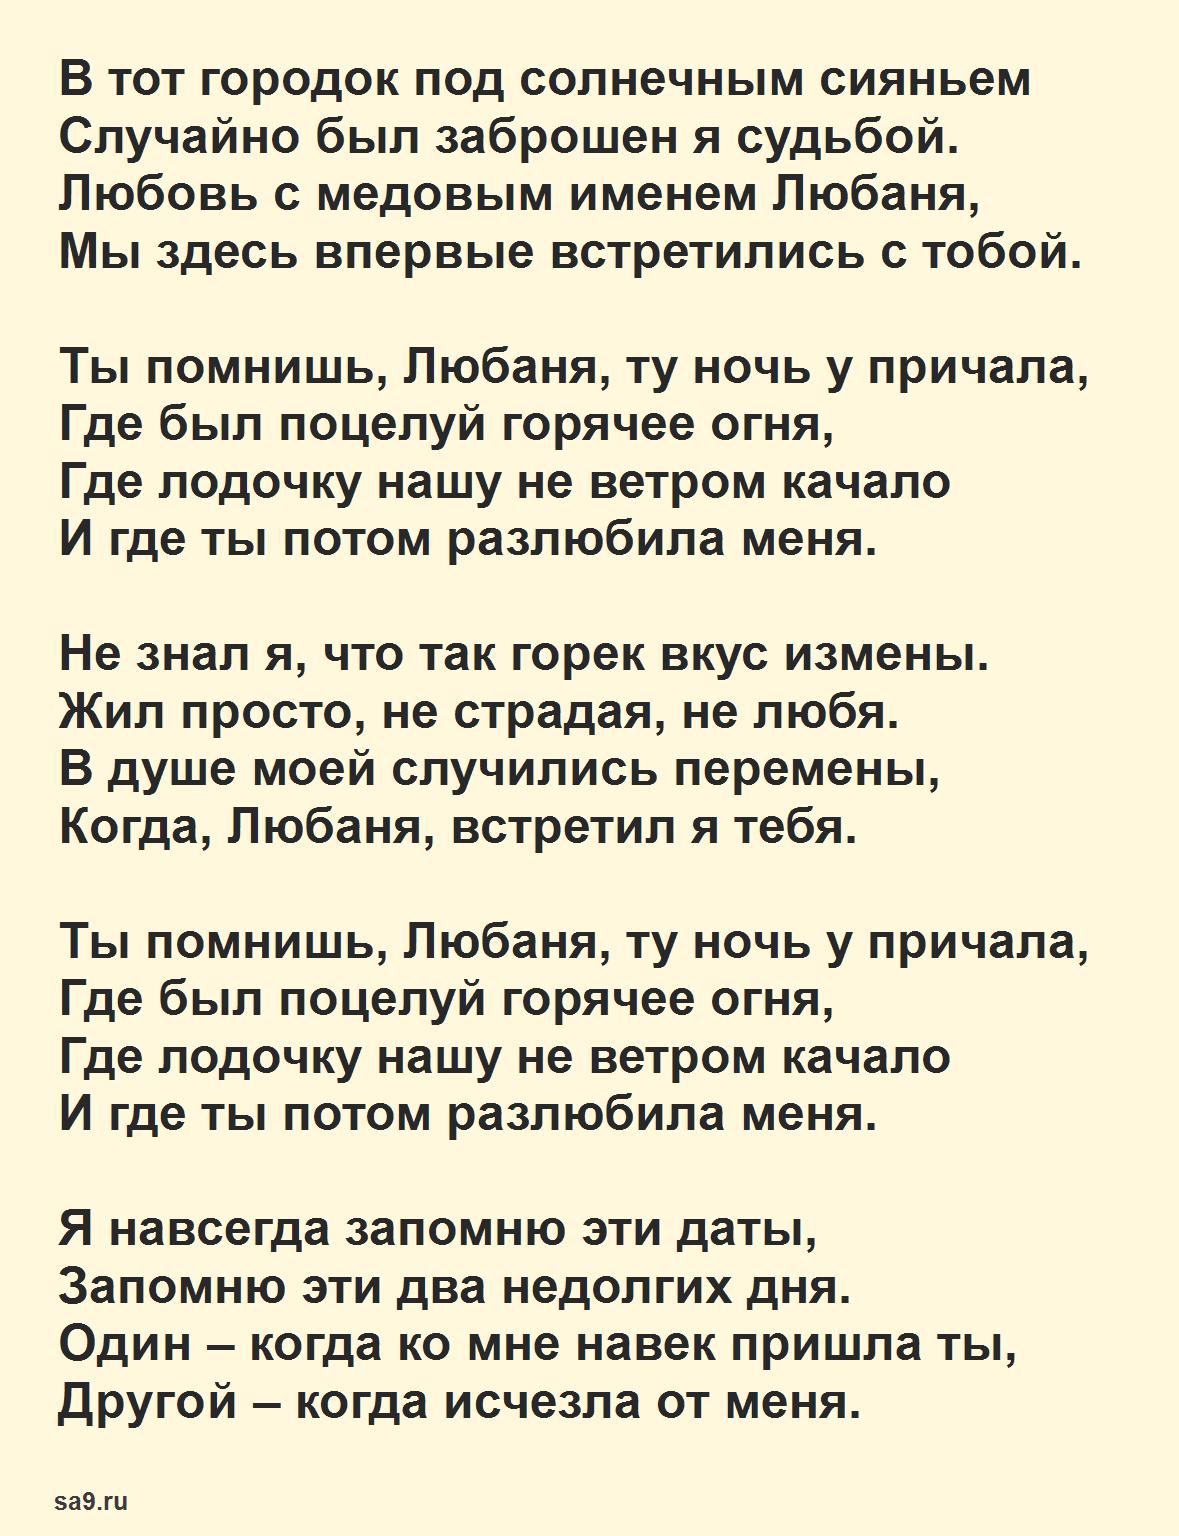 Стихи Рубальской о женщине - Любаня